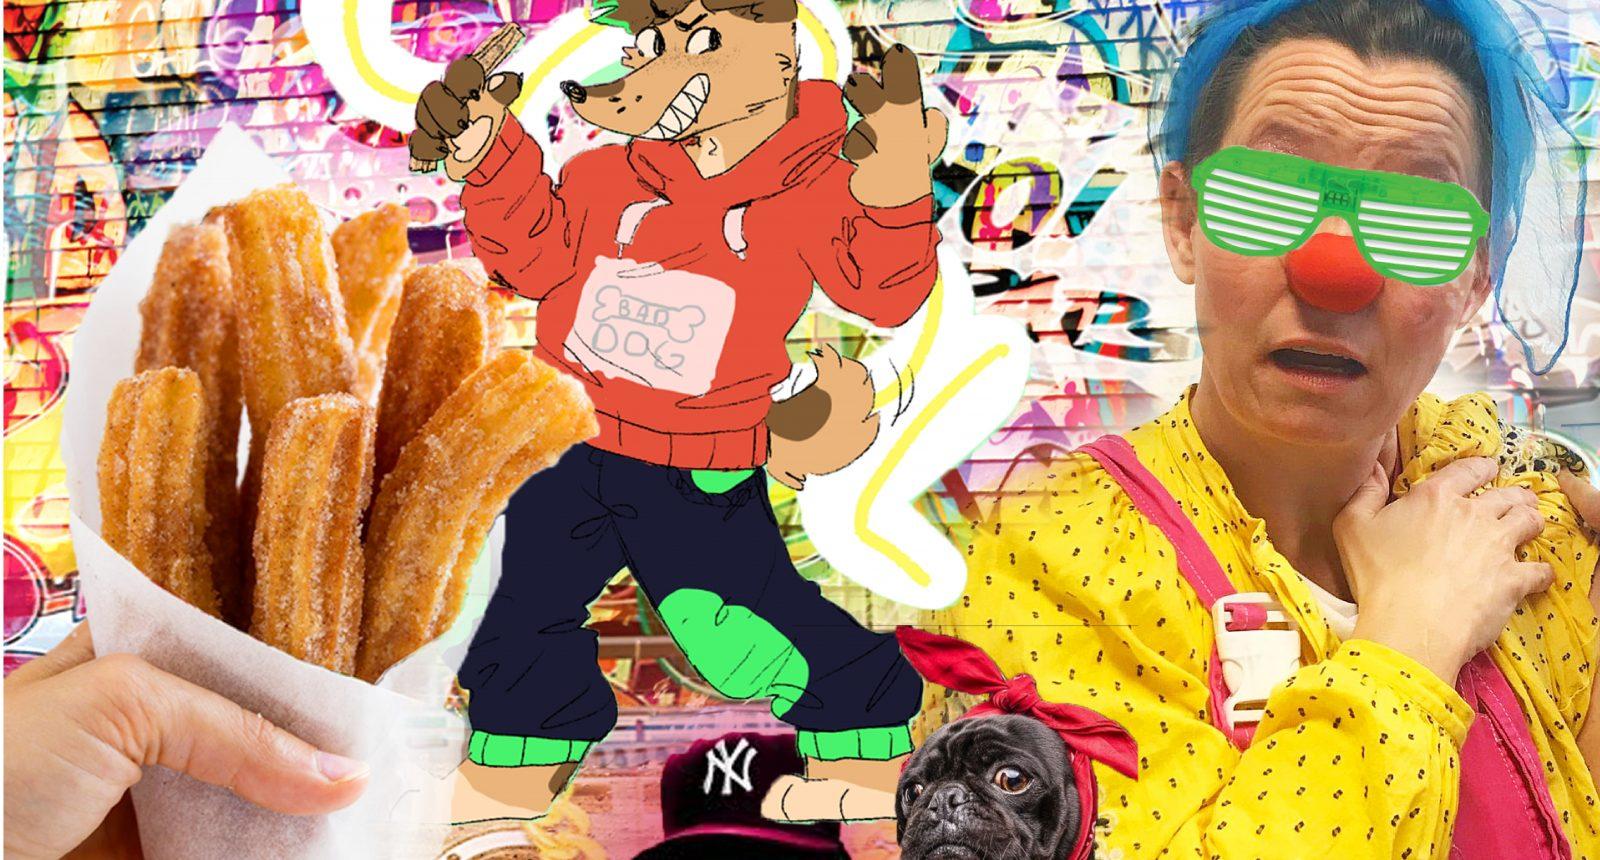 Maxine P. i hiphop-hundeland